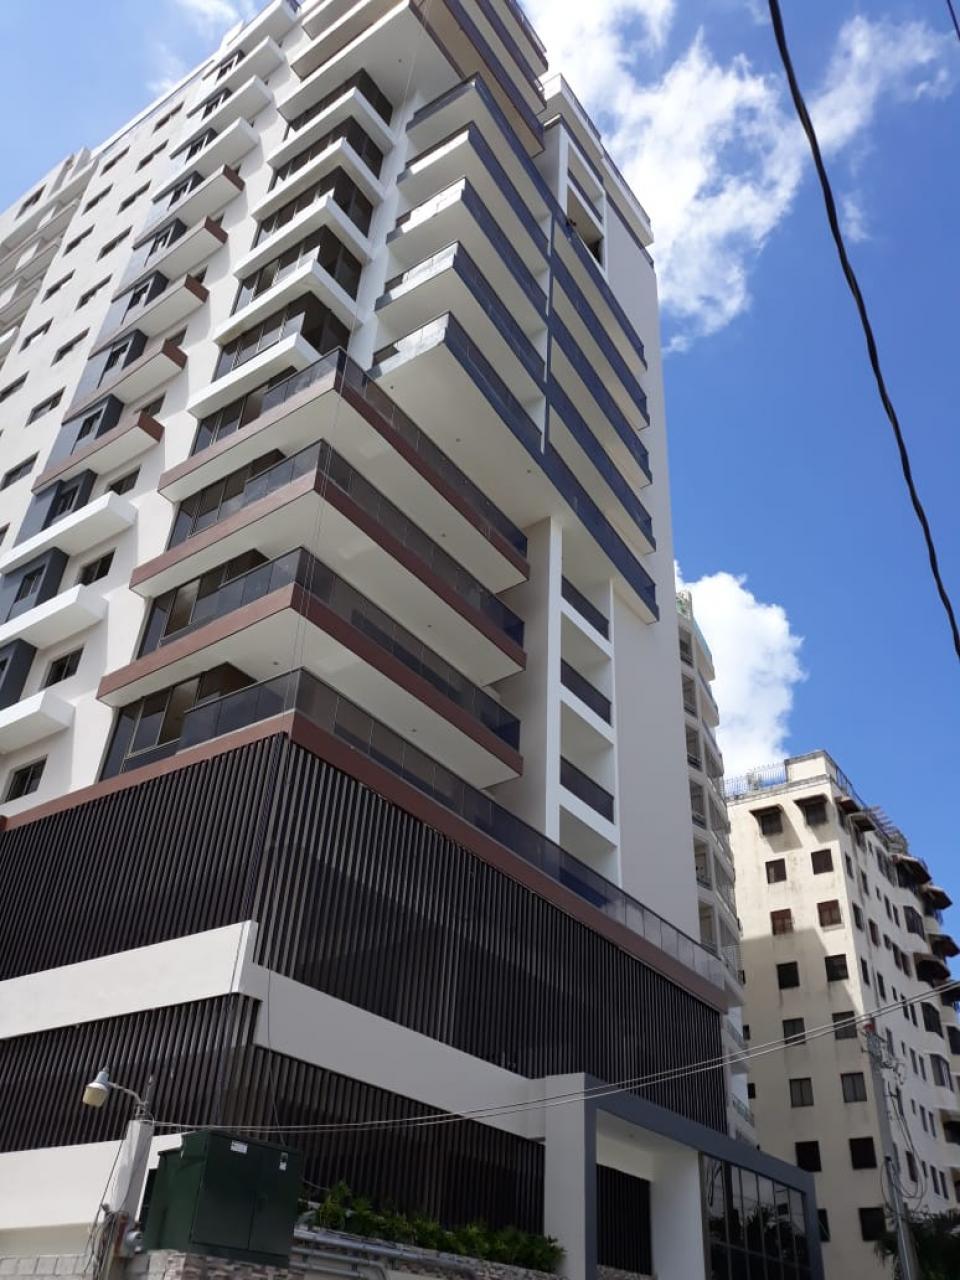 Apartamento en venta en el sector PIANTINI precio US$ 195,750.00 US$195,750